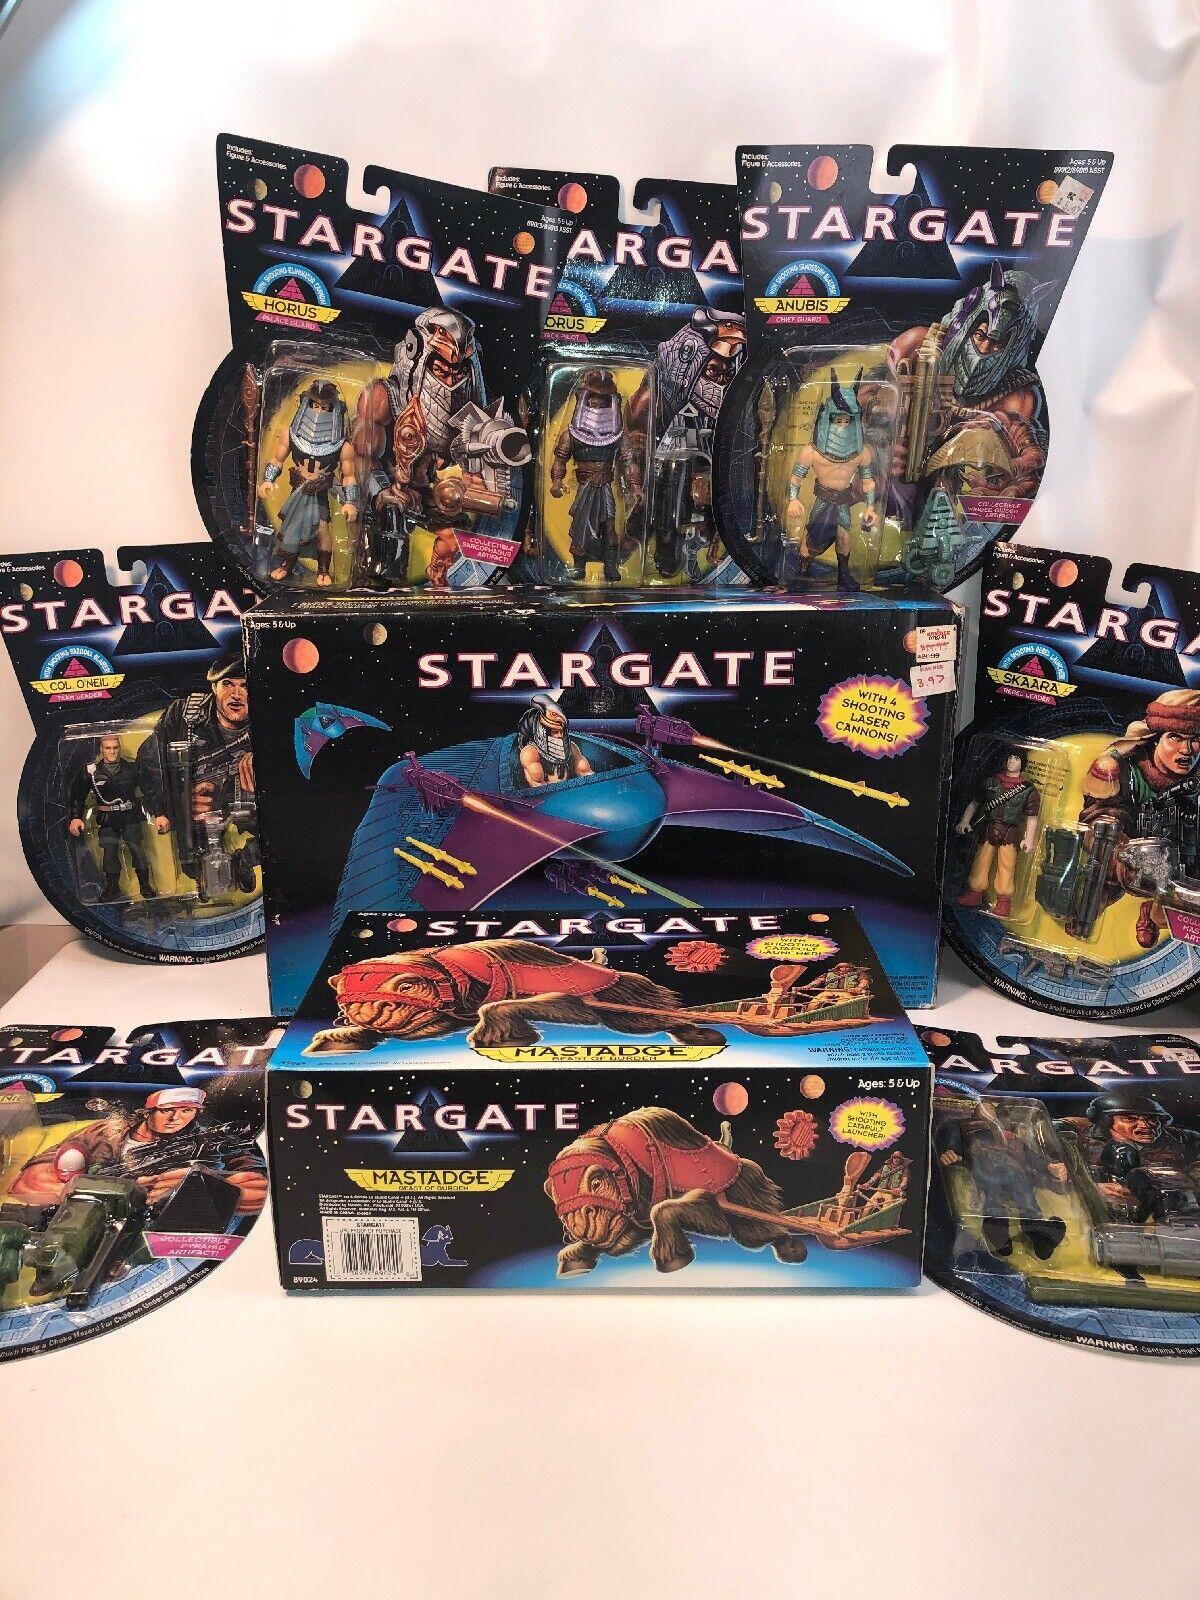 1994 Estrellagate Moc 7 Figuras Con Alas Planeador mastadge Set Completo Casi Nuevo En Caja Anubis